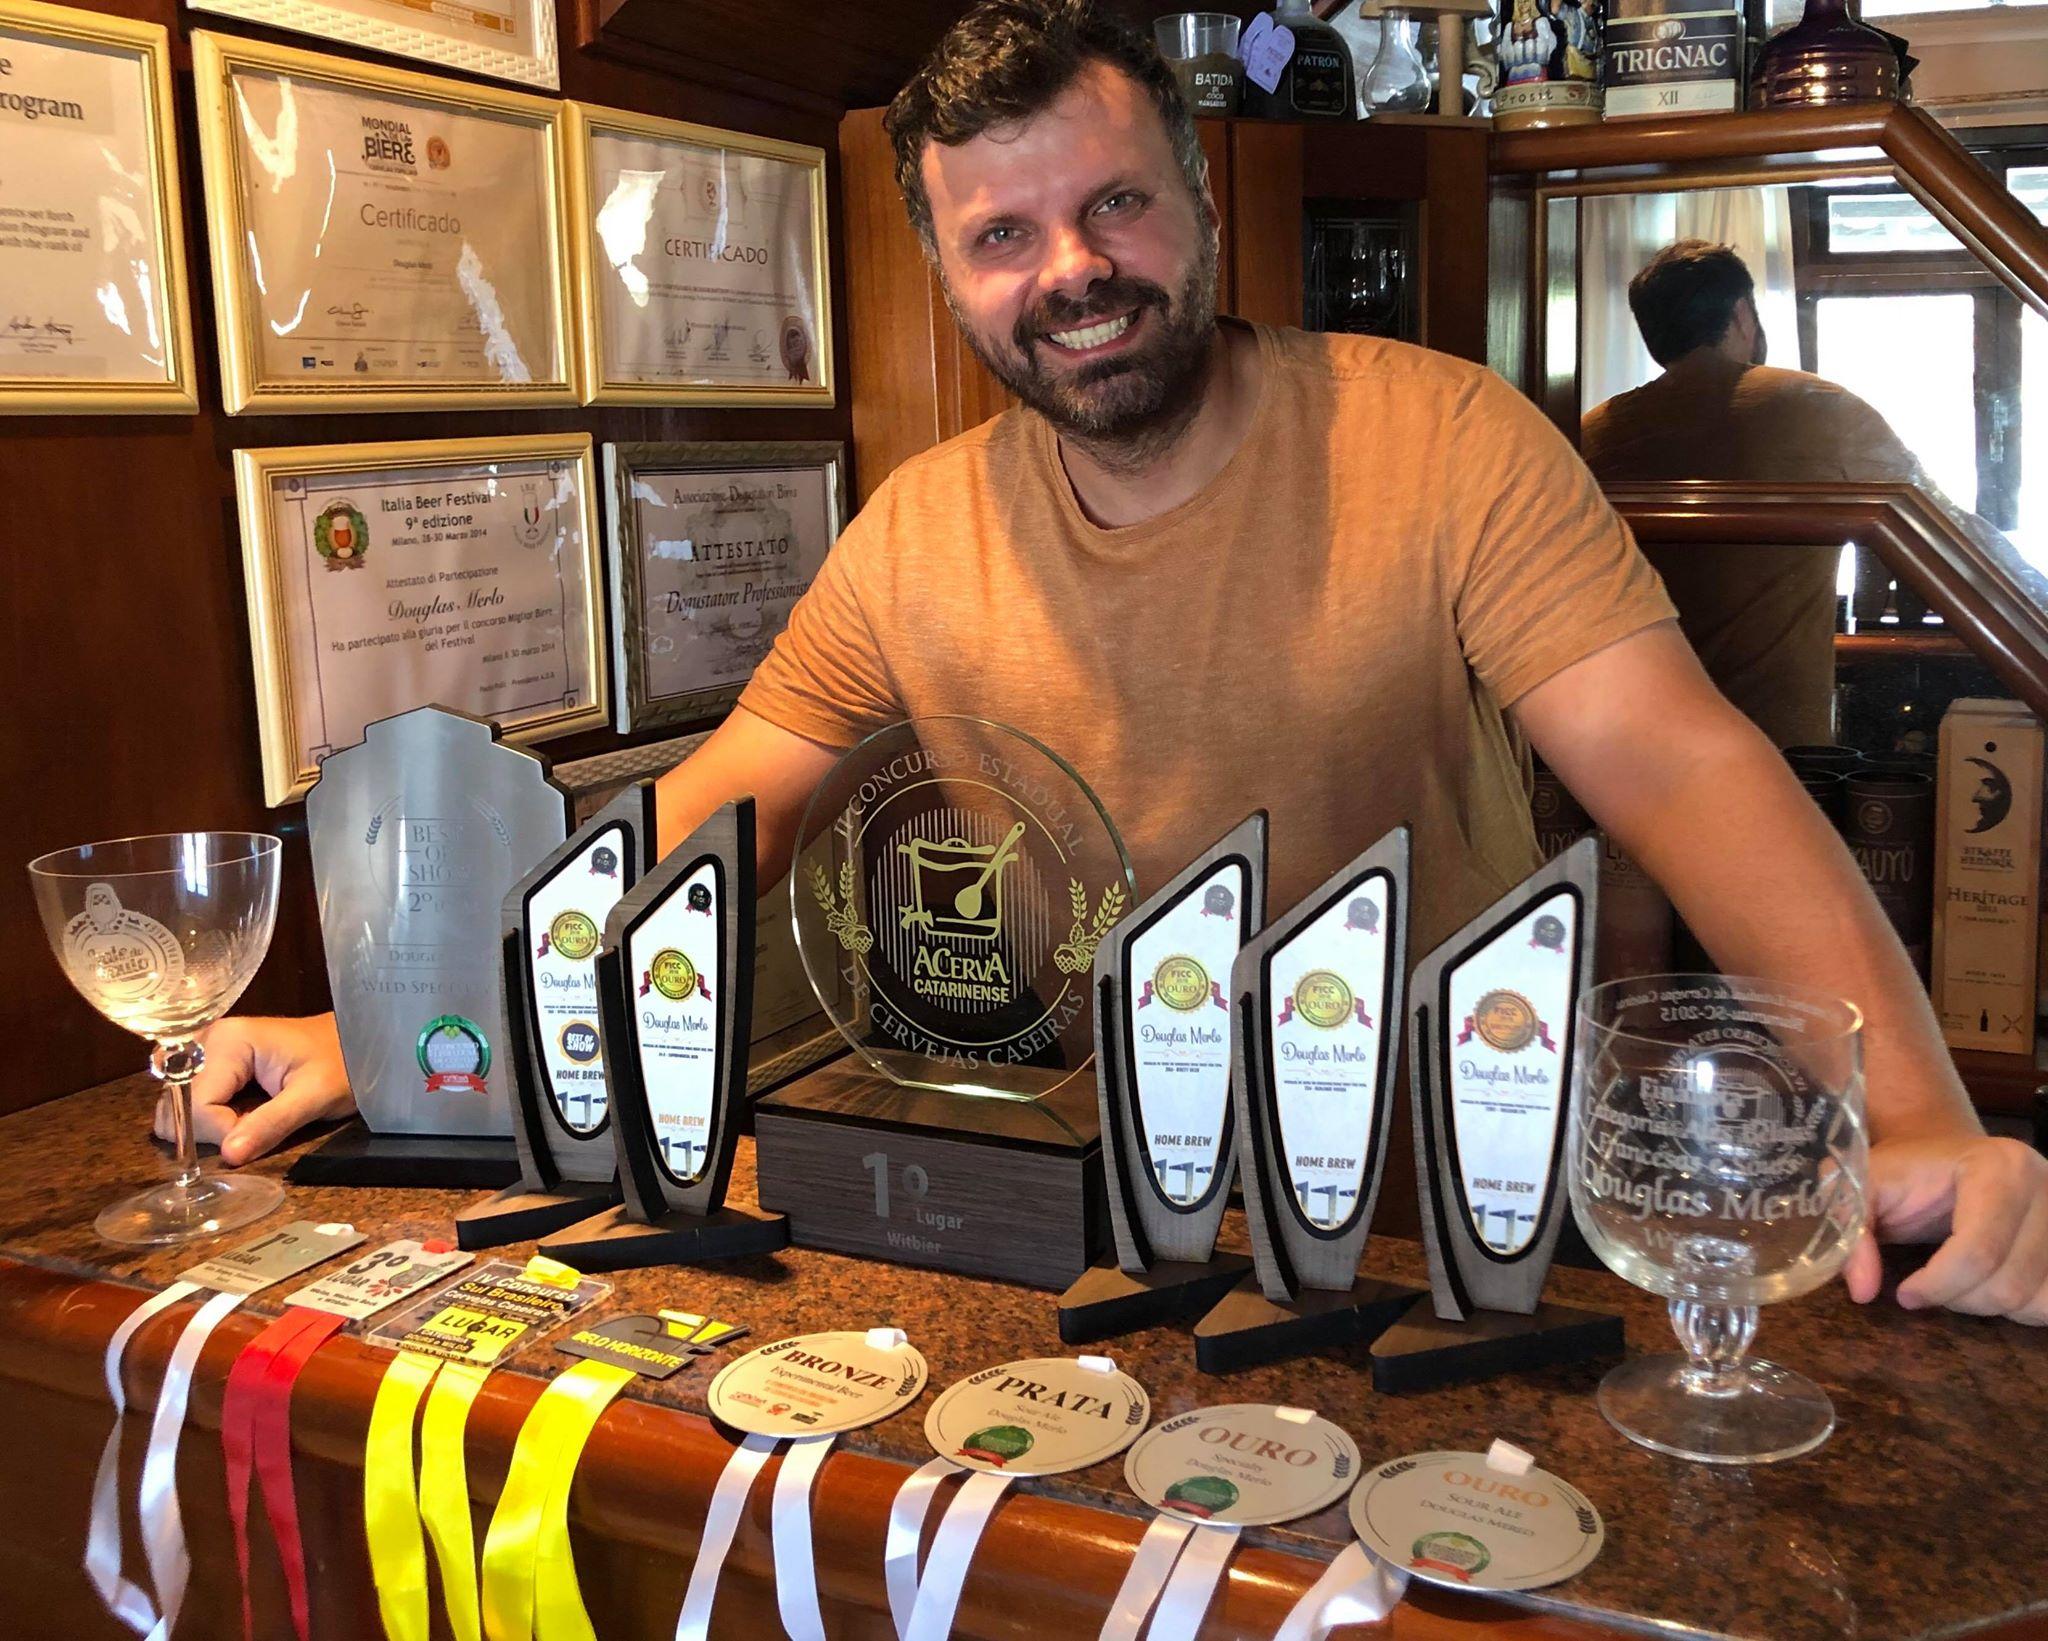 Doug Merlo, mixologista, sommelier de cervejas, professor e empreendedor, é um homebrewer multipremiado (Foto: Divulgação)